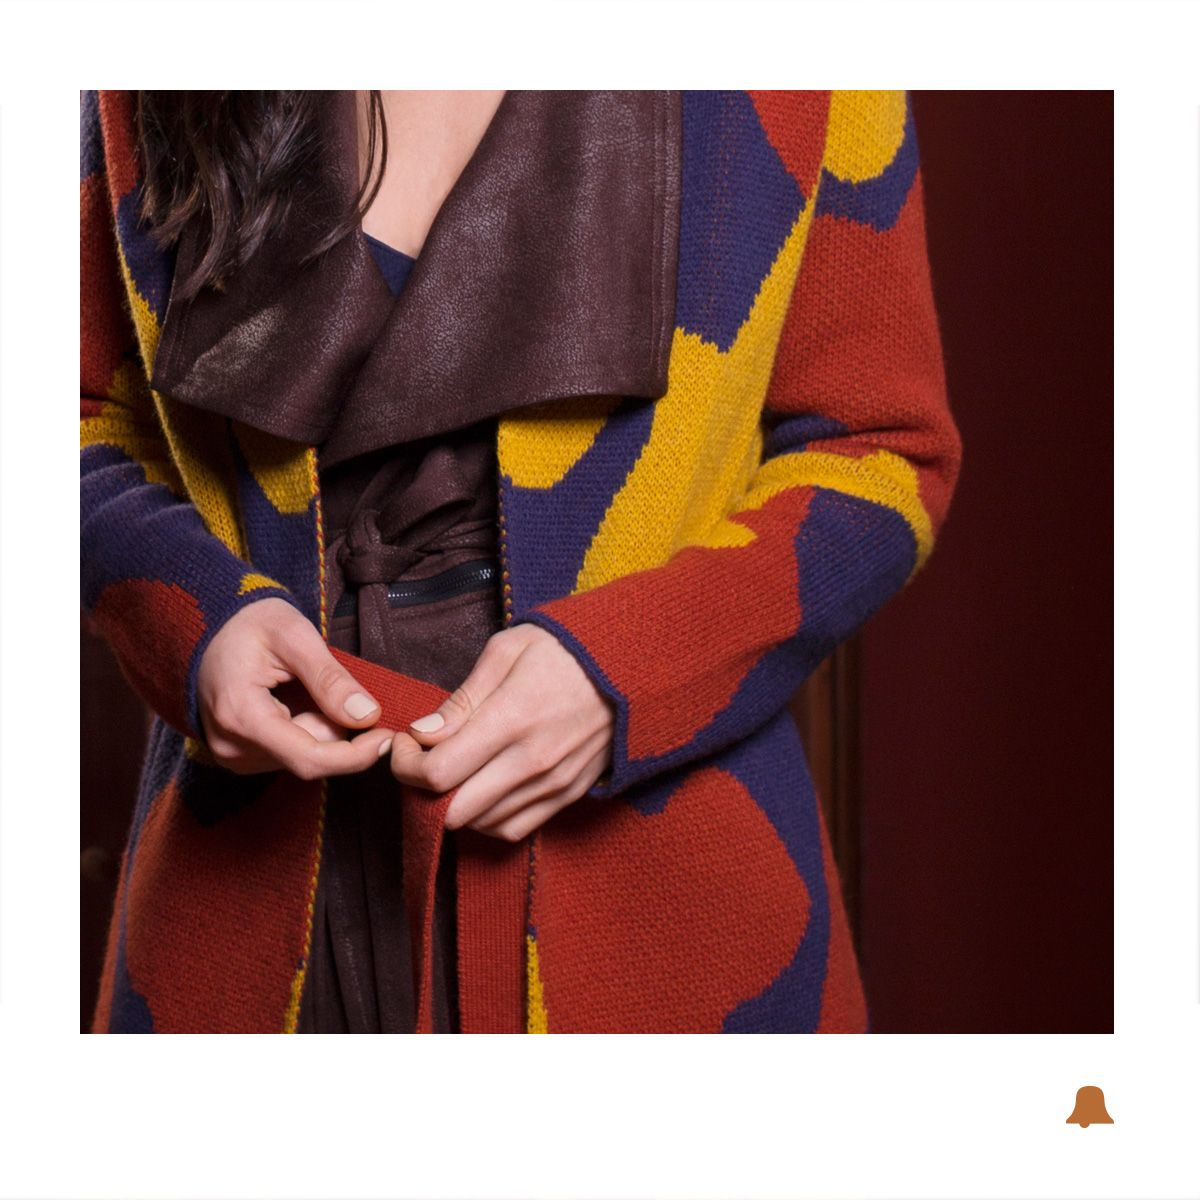 NOW IN STORE  Nuestro Sacón Camuflage en la paleta tendencia de esta temporada: Azul + Arcilla + Amarillo Mostaza:  - Tapado Slim //  CTBELL37 - Sacón Camuflage // SCBELL38  ¿Ya nos visitaste en nuestro local de Montevideo Shopping?